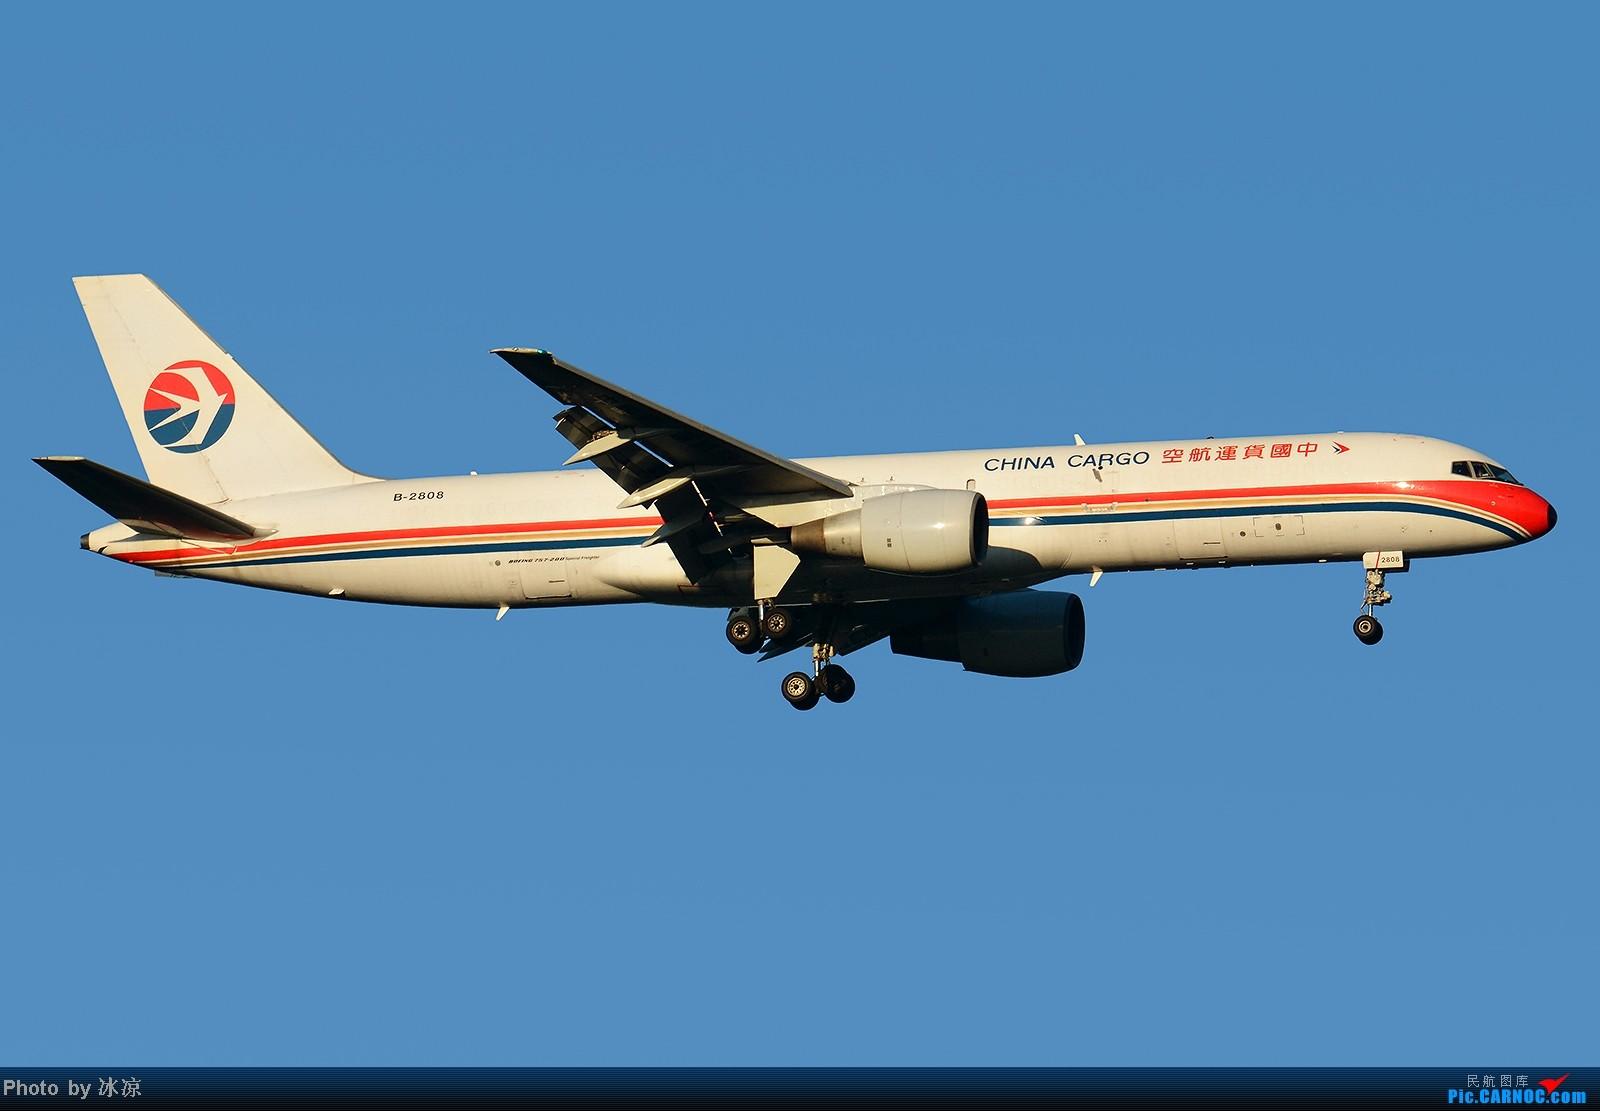 [原创]今日收获,1989年的美男子,做了客机做货机,换了一身新衣服,现在还在飞。 BOEING 757-200 B-2808